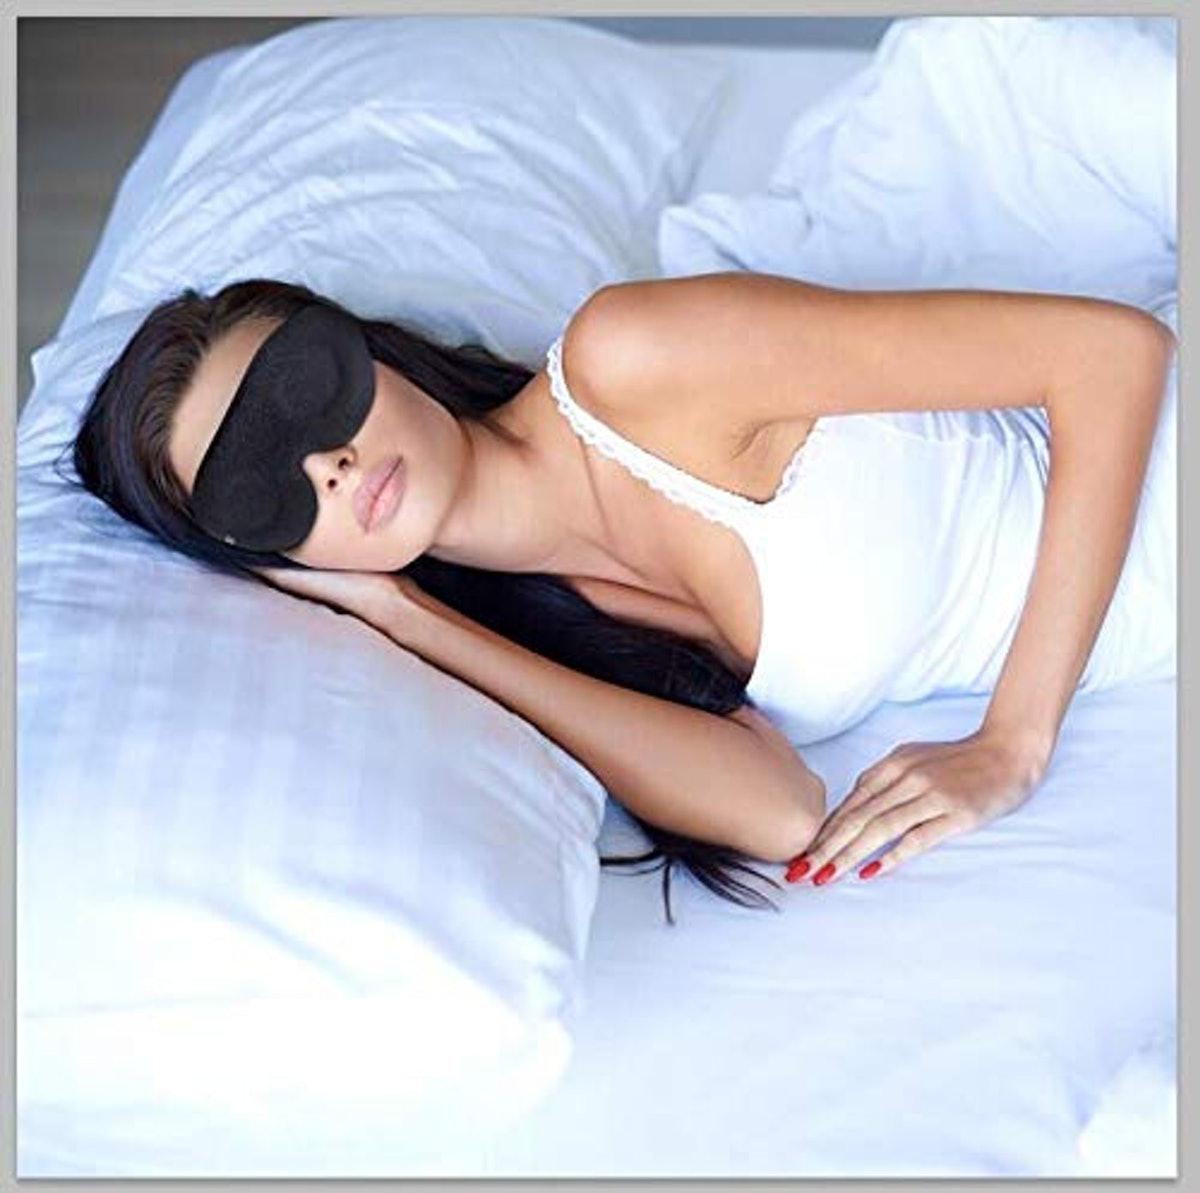 ZGGCD 3-D Sleeping Mask